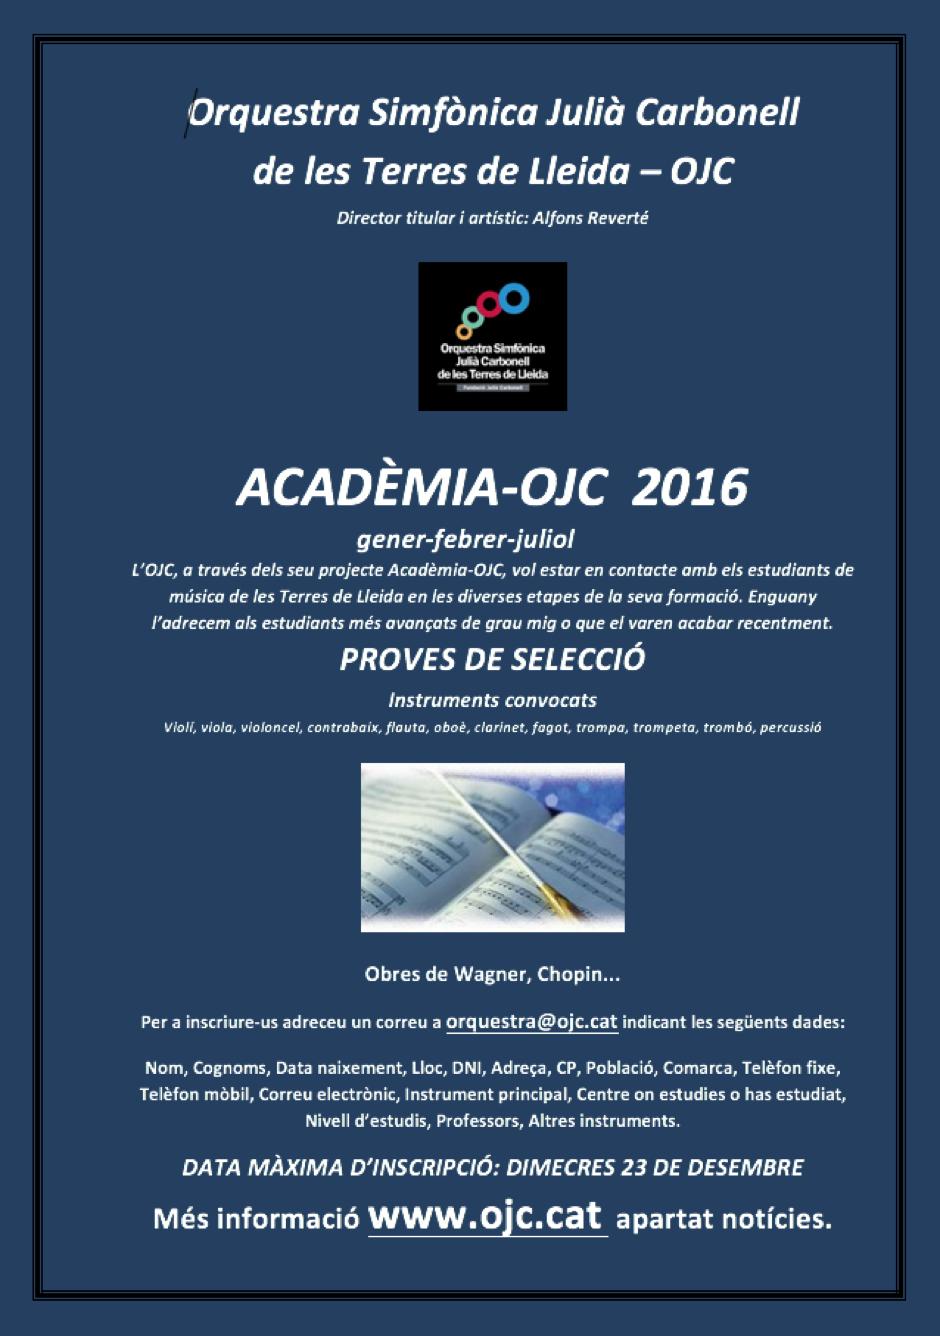 anunci_academia16